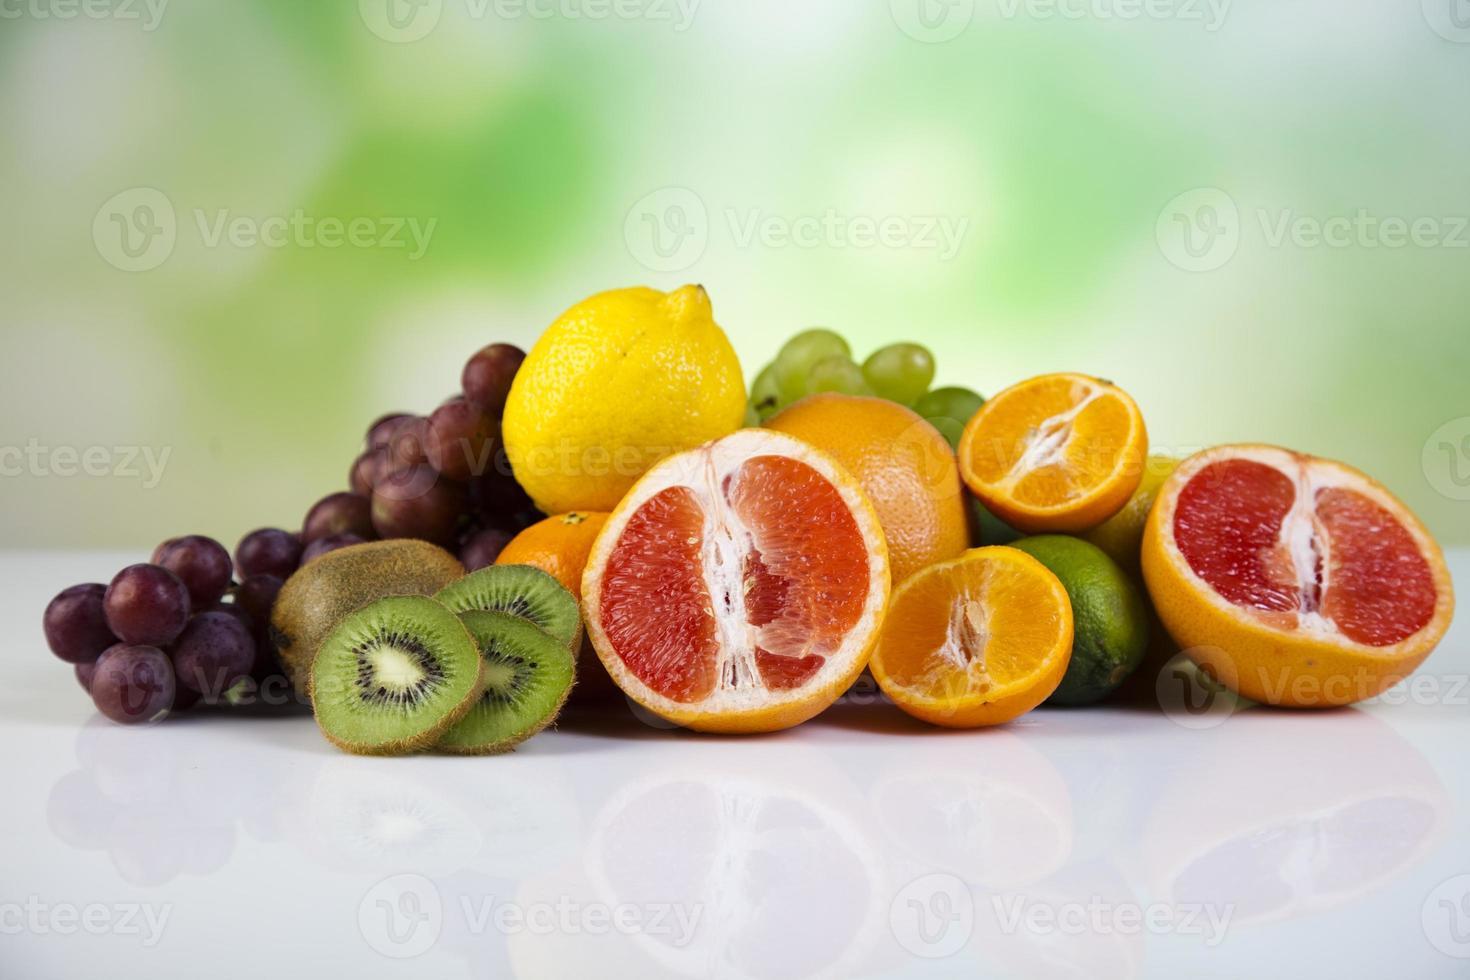 frutas, legumes, sucos de frutas, sucos vegetais, alimentos saudáveis foto